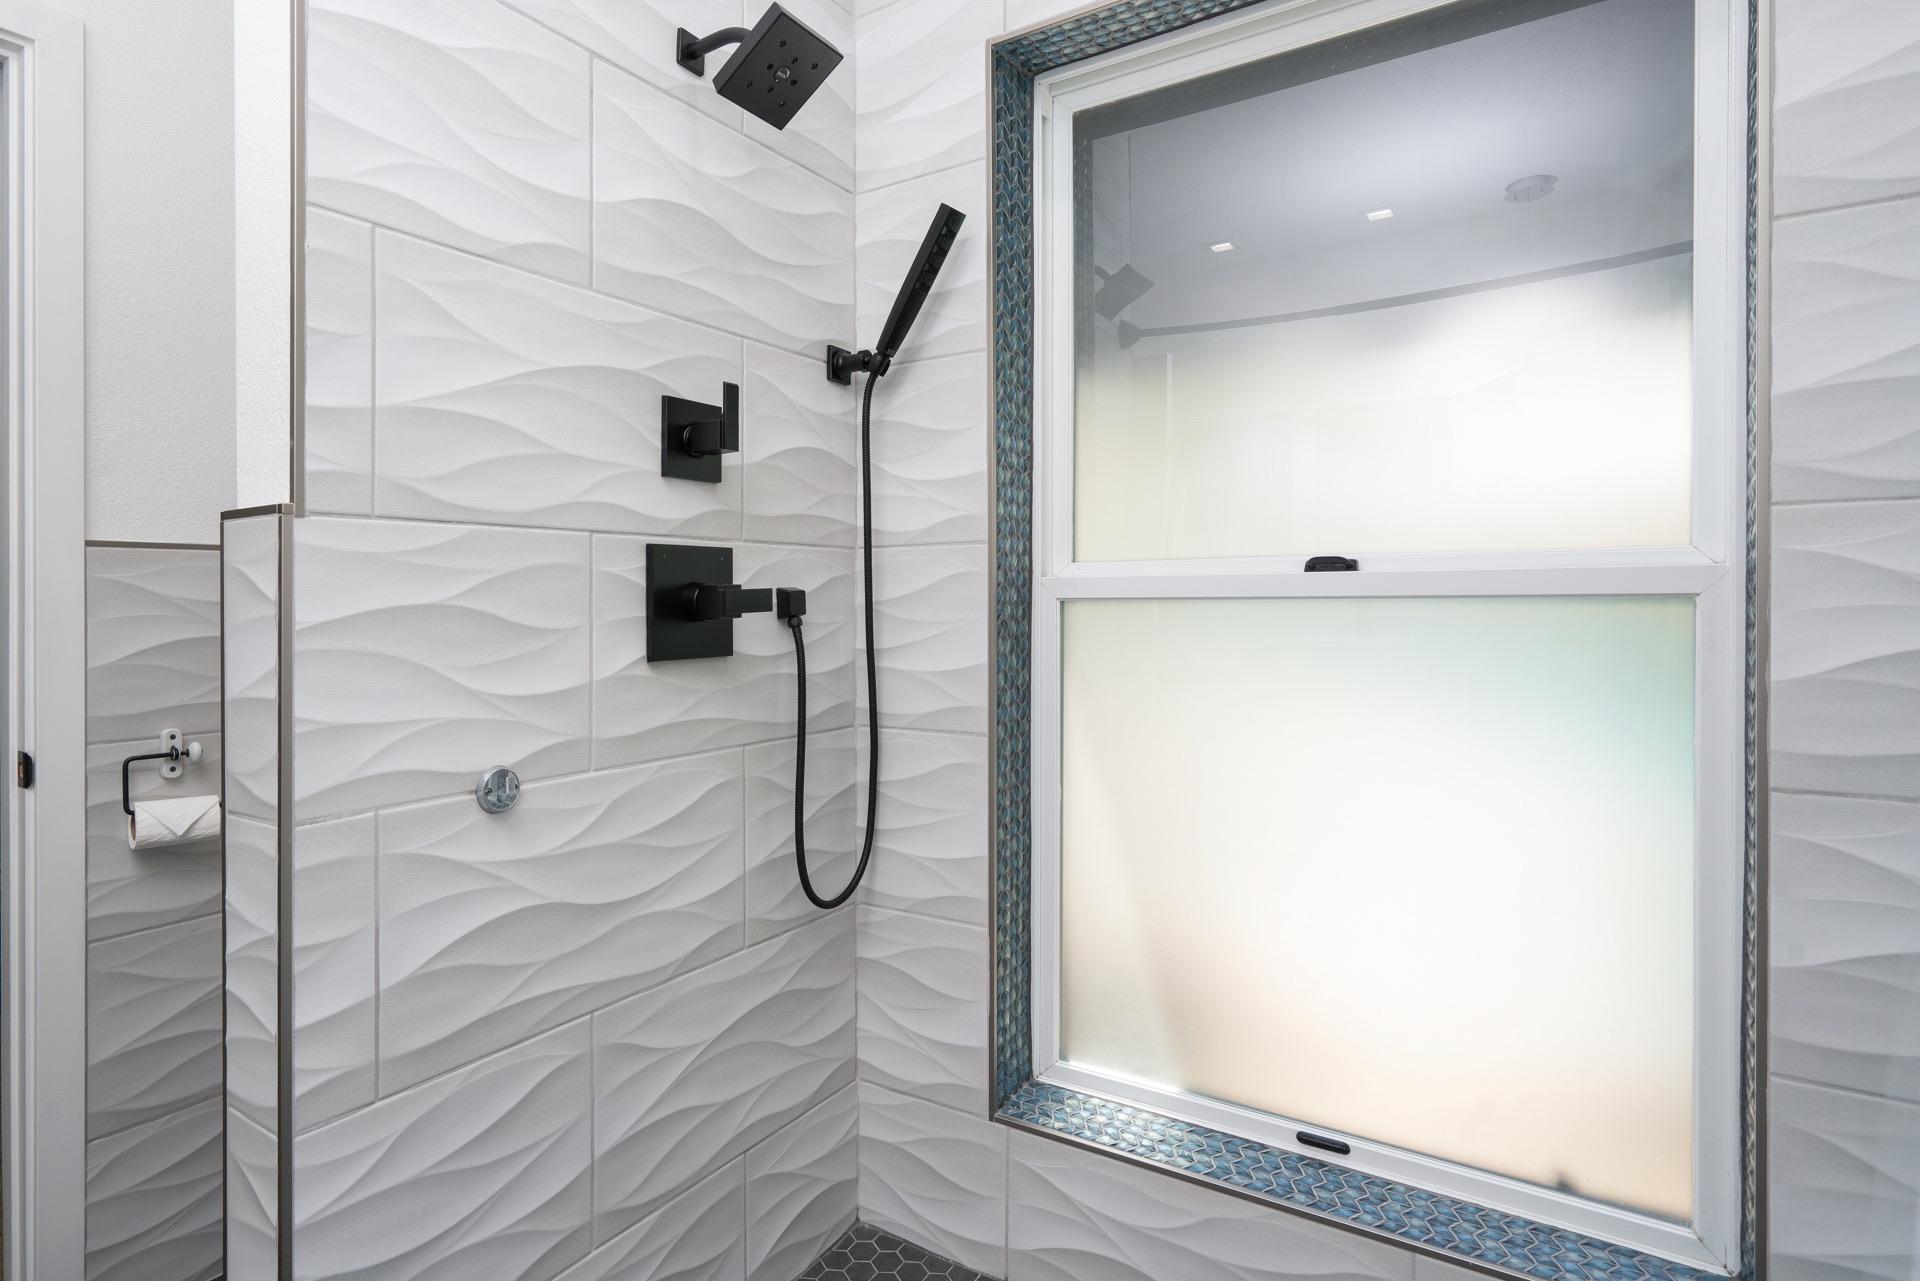 Elizabeth ahwatukee master bathroom shower remodel after